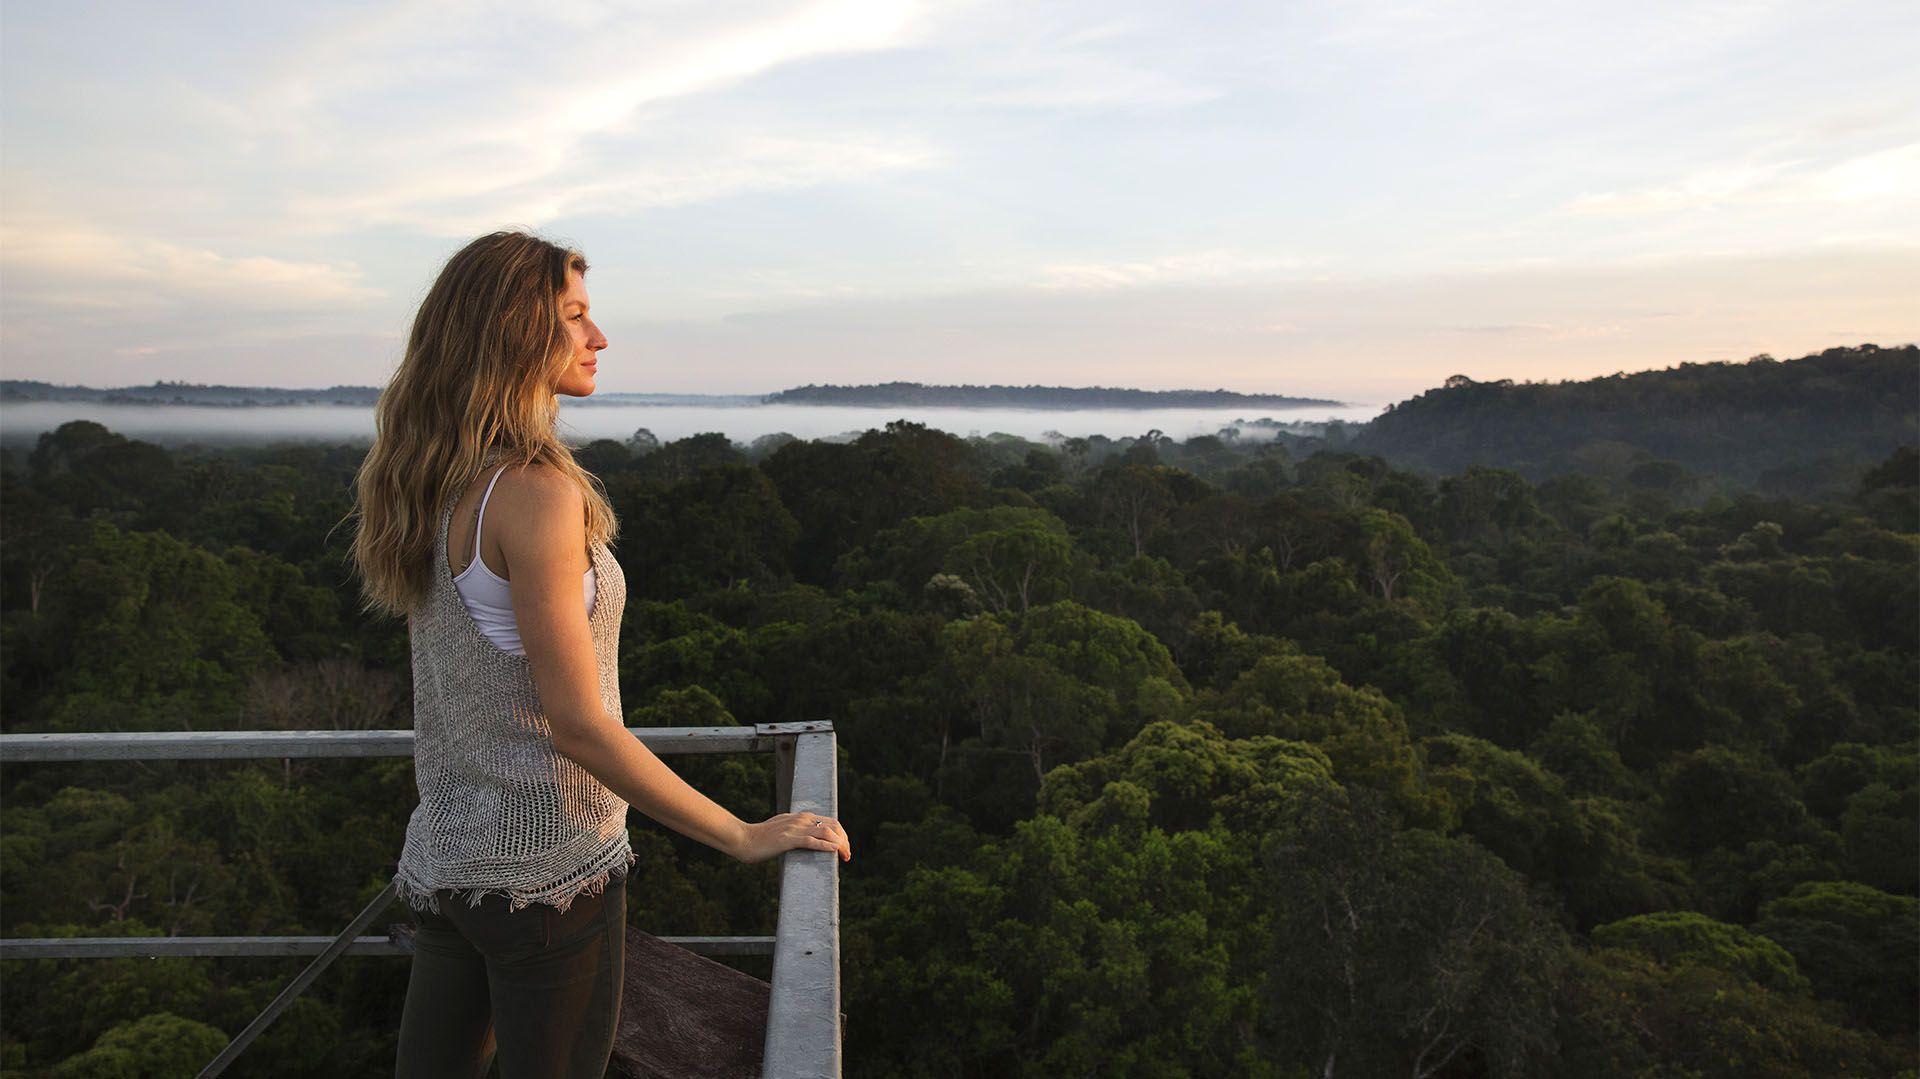 BRAZIL- Gisele Bündchen visita la selva de la Amazonia para llevar un mensaje de preservación en esa región verde del mundo (crédito: National Geographic Channels/Lalo de Almeida)